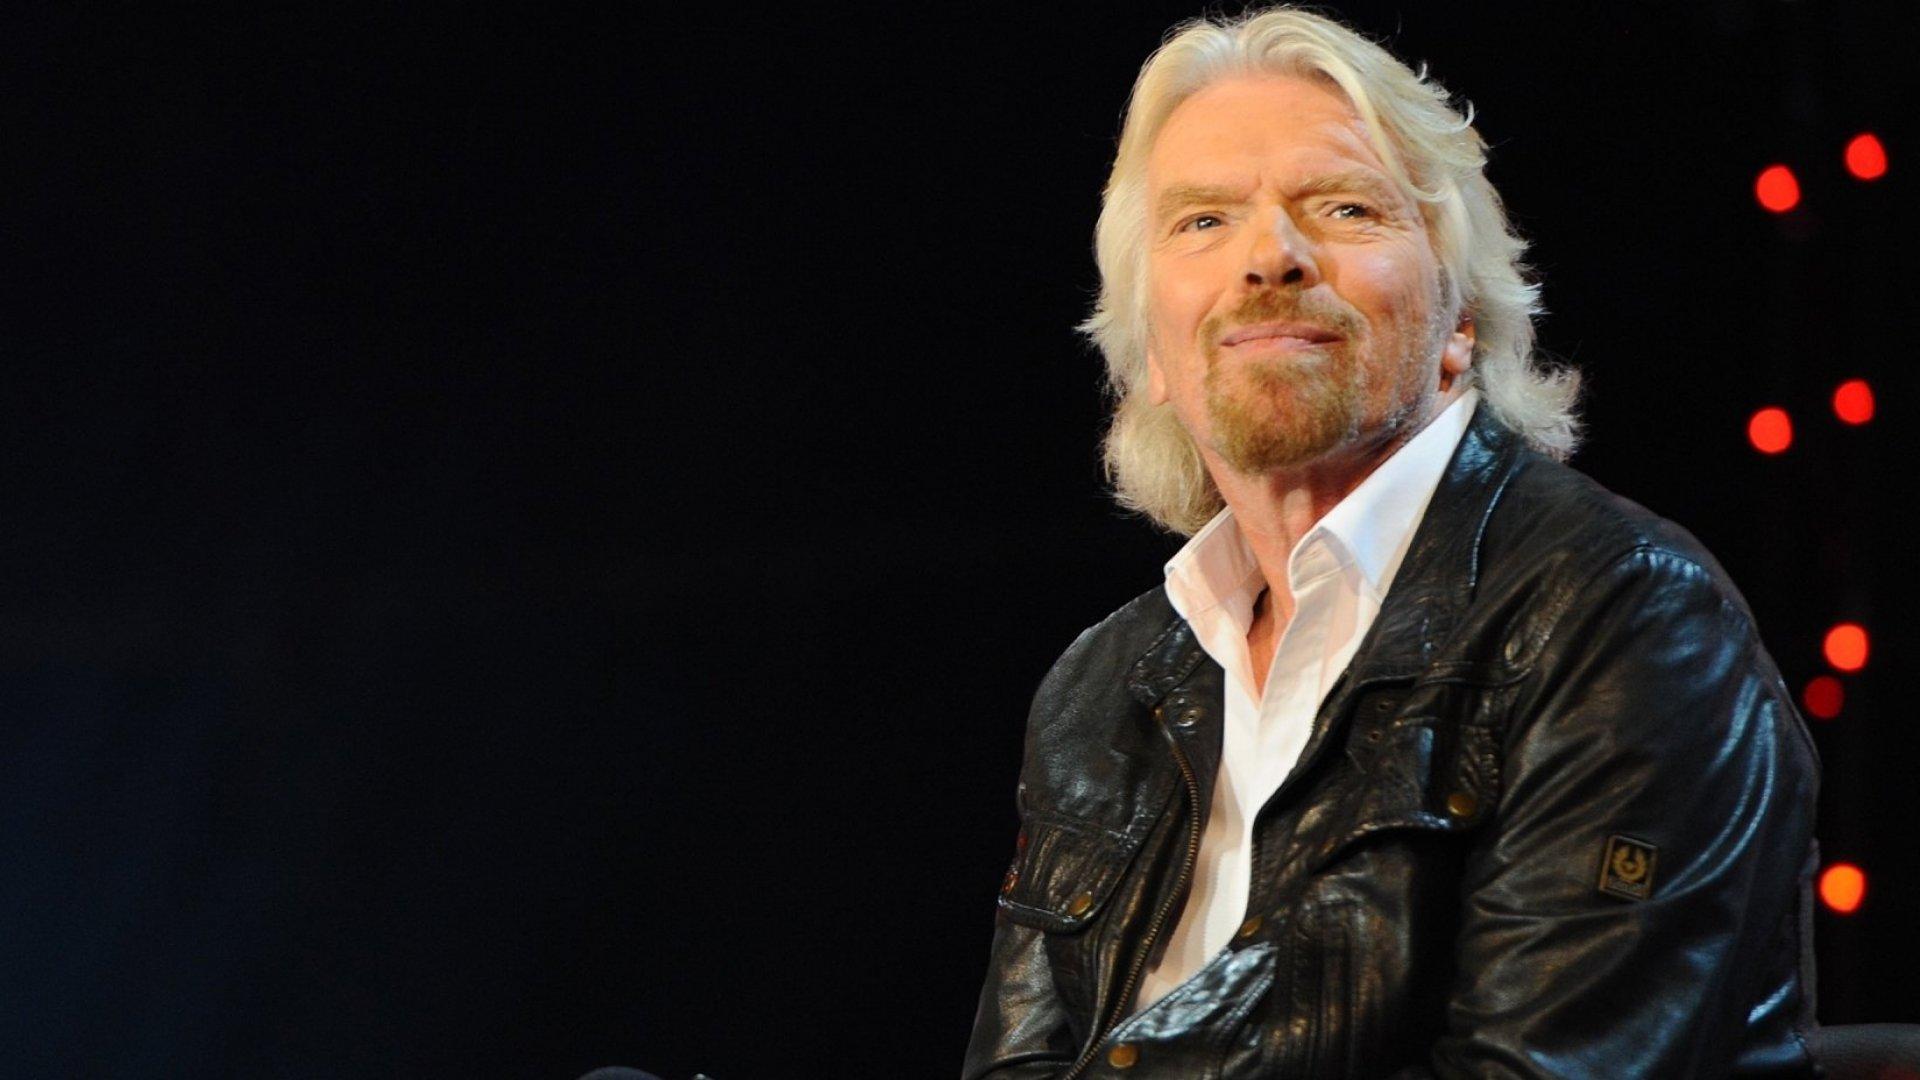 Virgin Group founder Richard Branson.